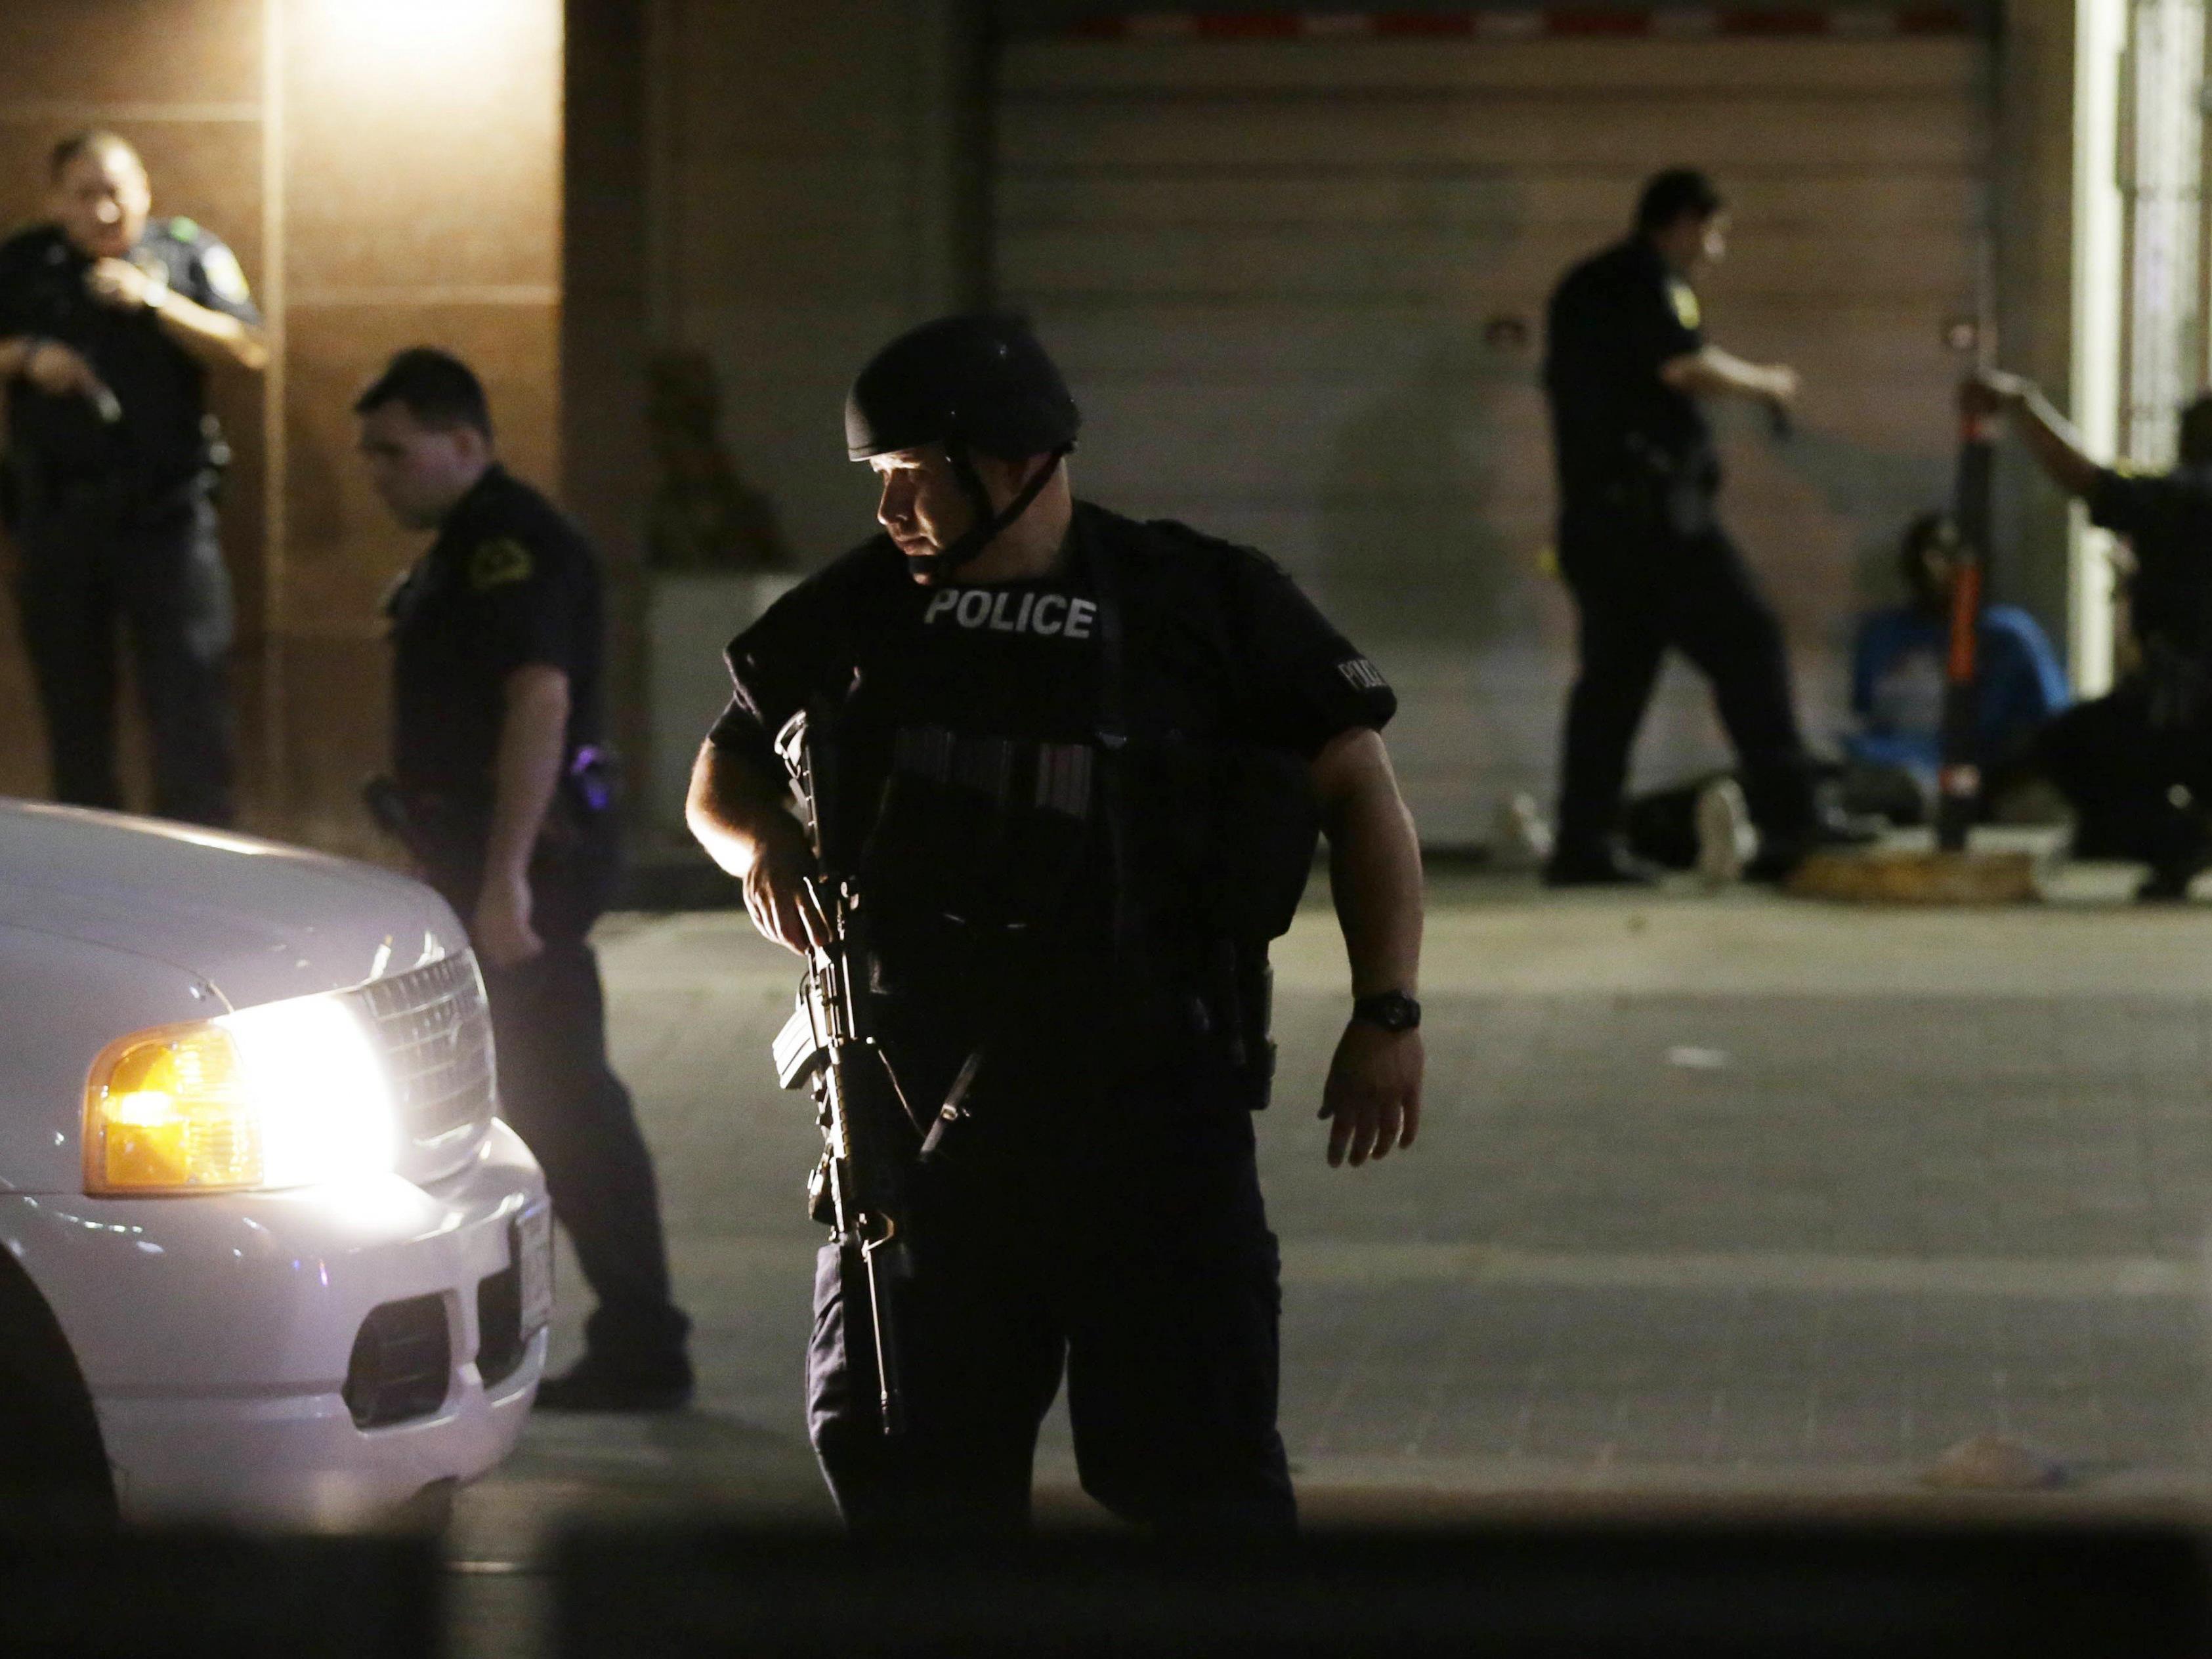 Polizeichef: Zwei Scharfschützen haben zehn Polizisten getroffen.